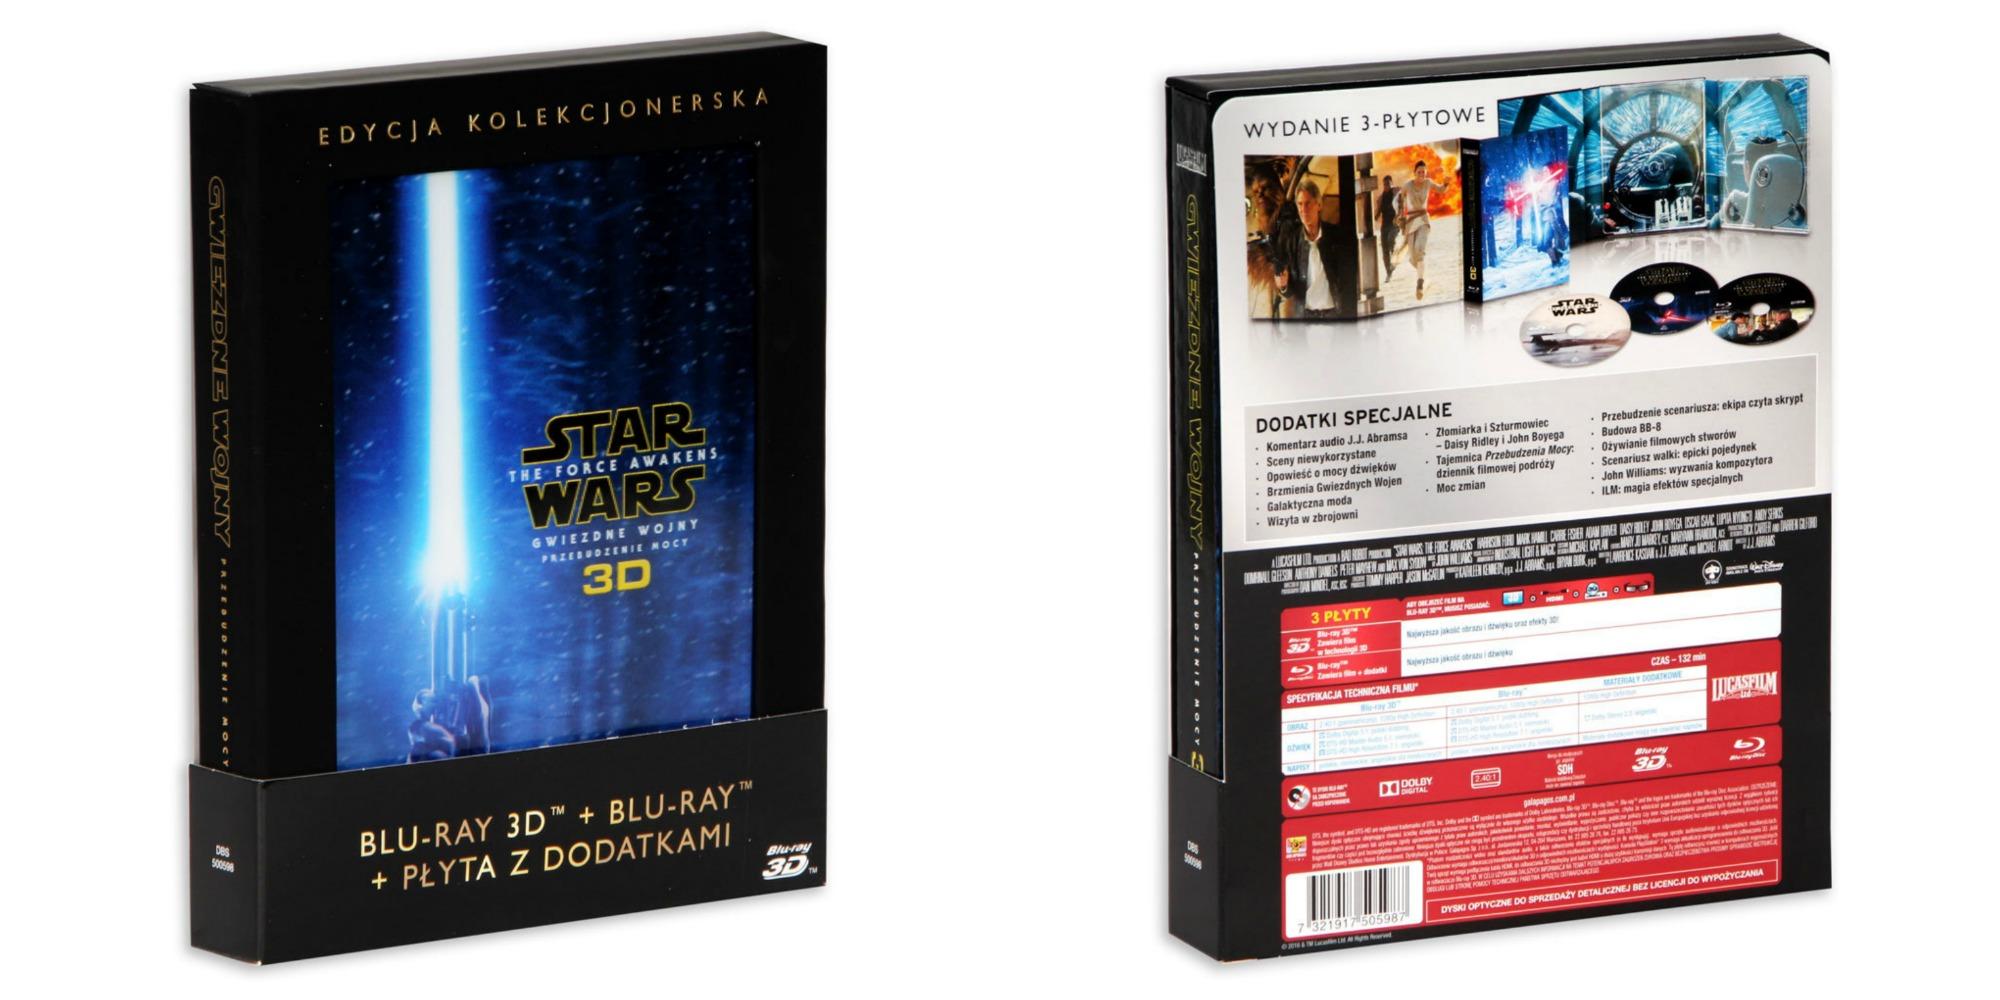 Gwiezdne wojny: Przebudzenie mocy 3D